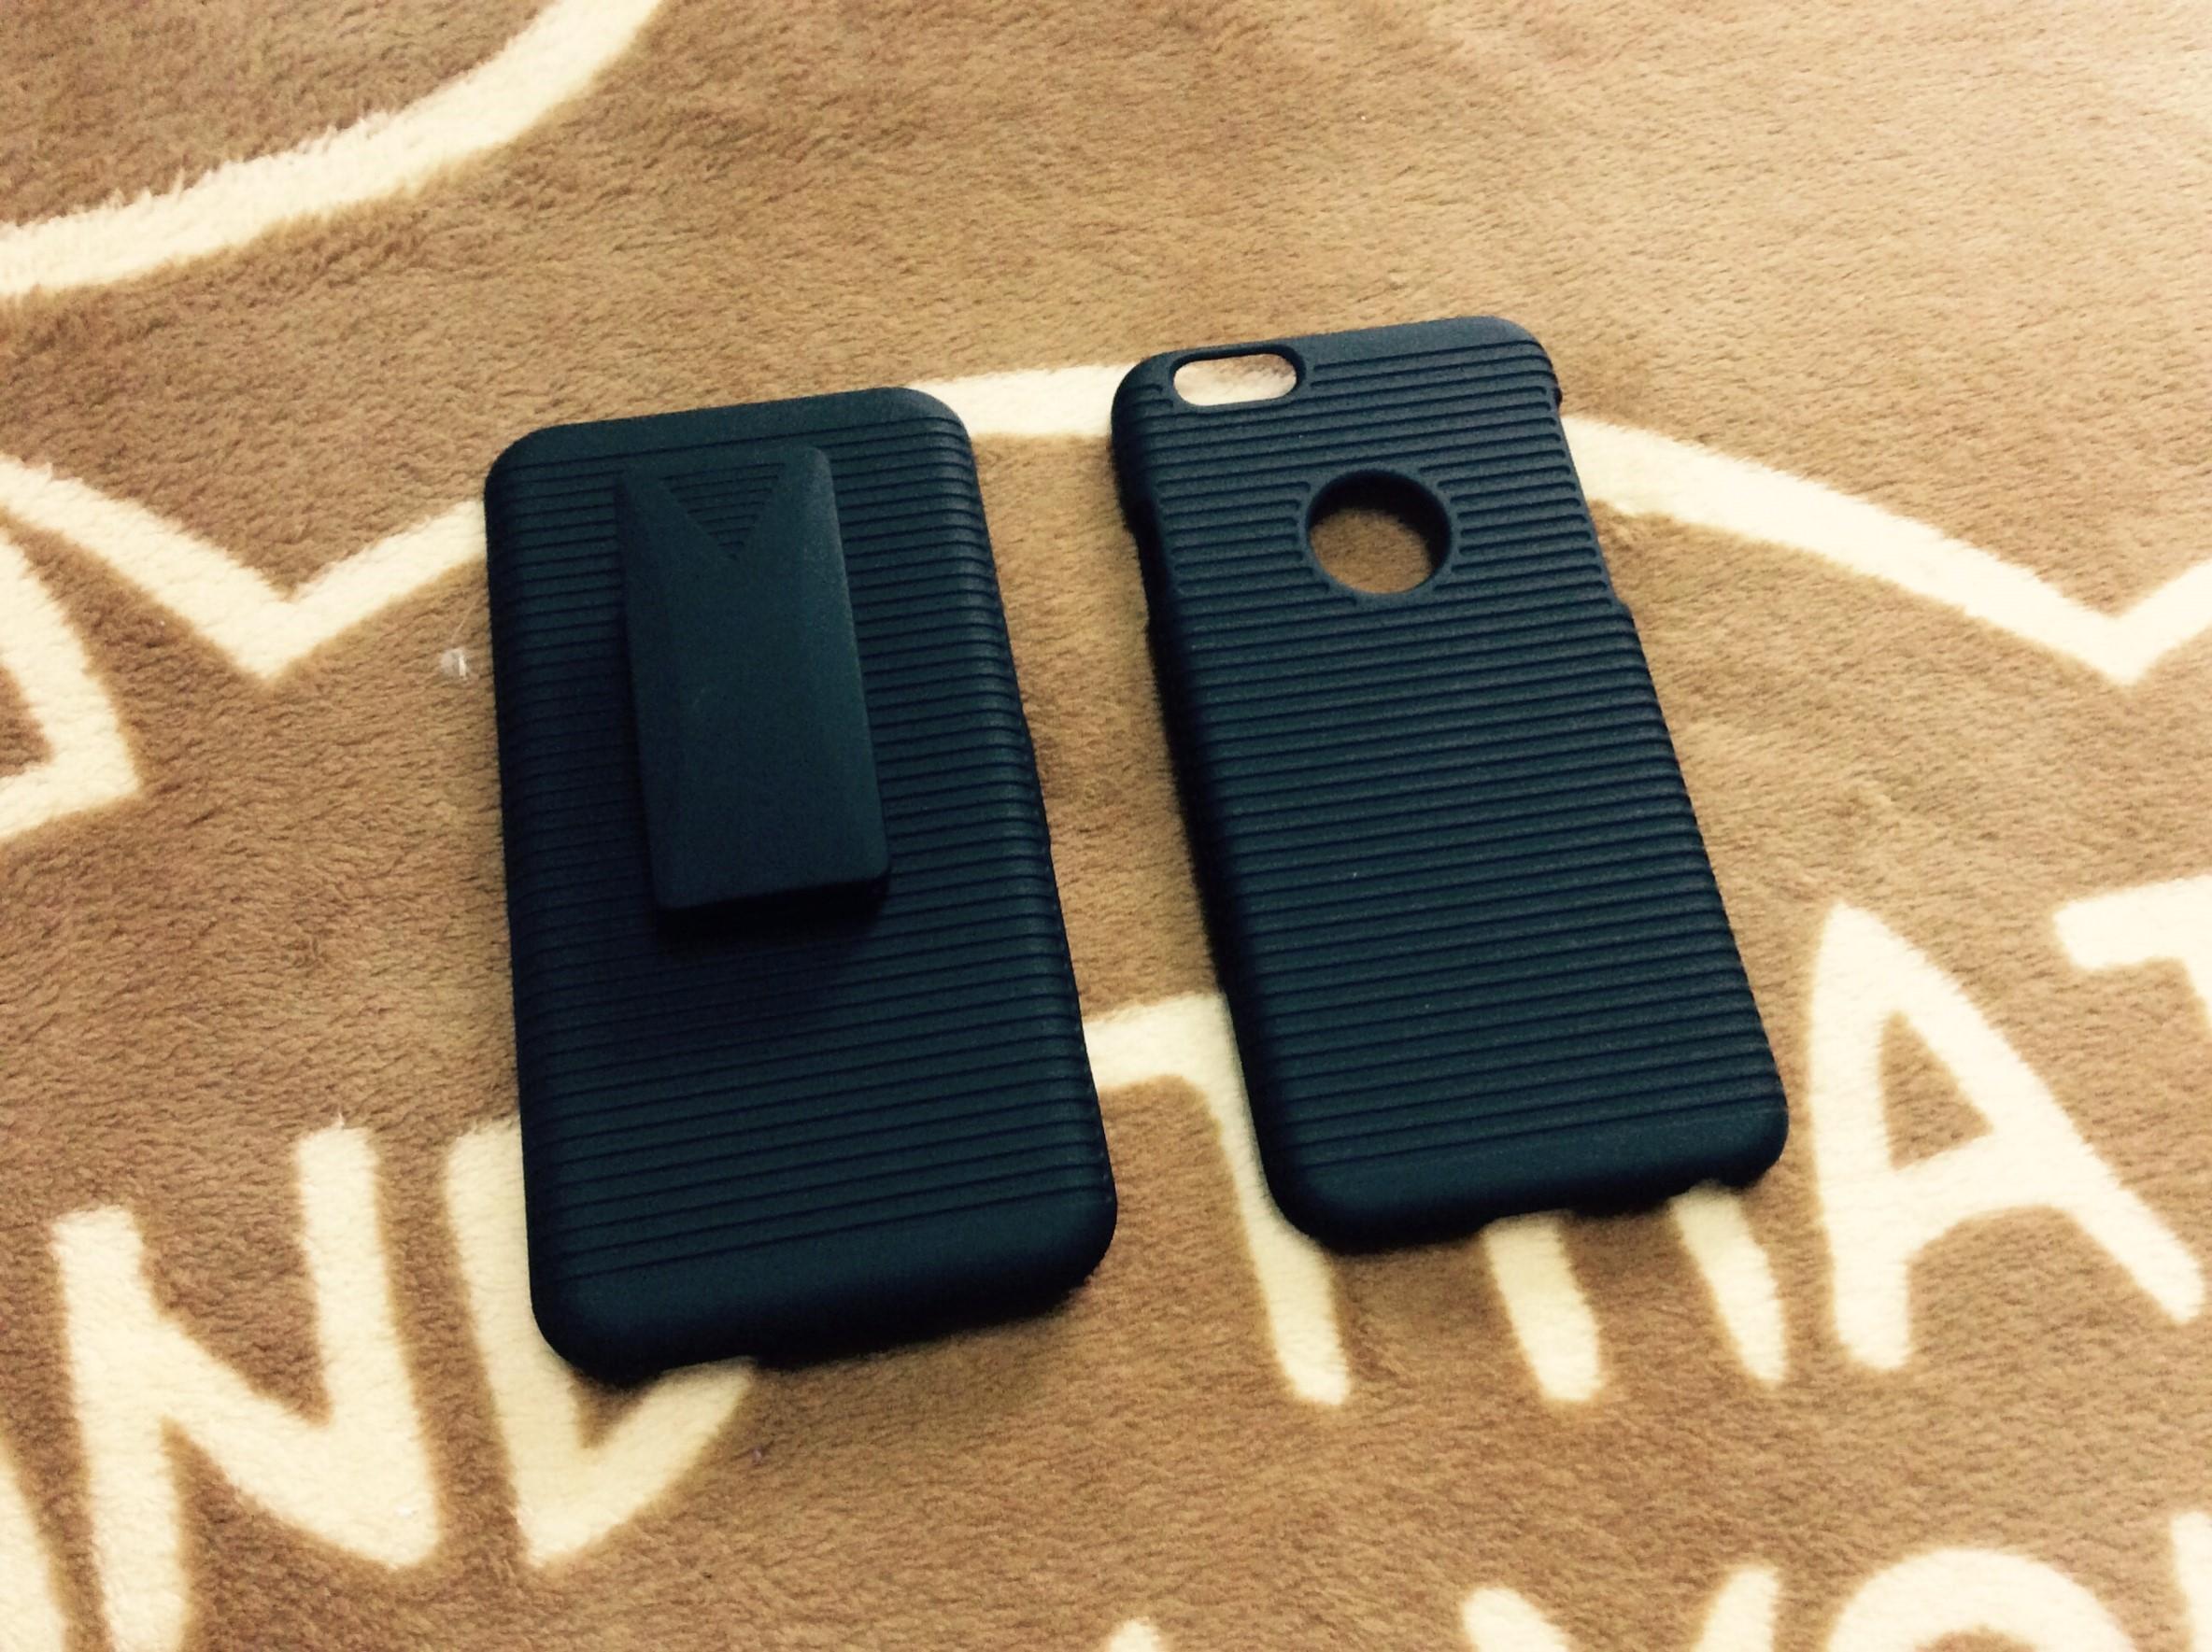 เคสเหน็บเอว สไลด์เก็บ(2ชิ้น) iphone5/5s/se